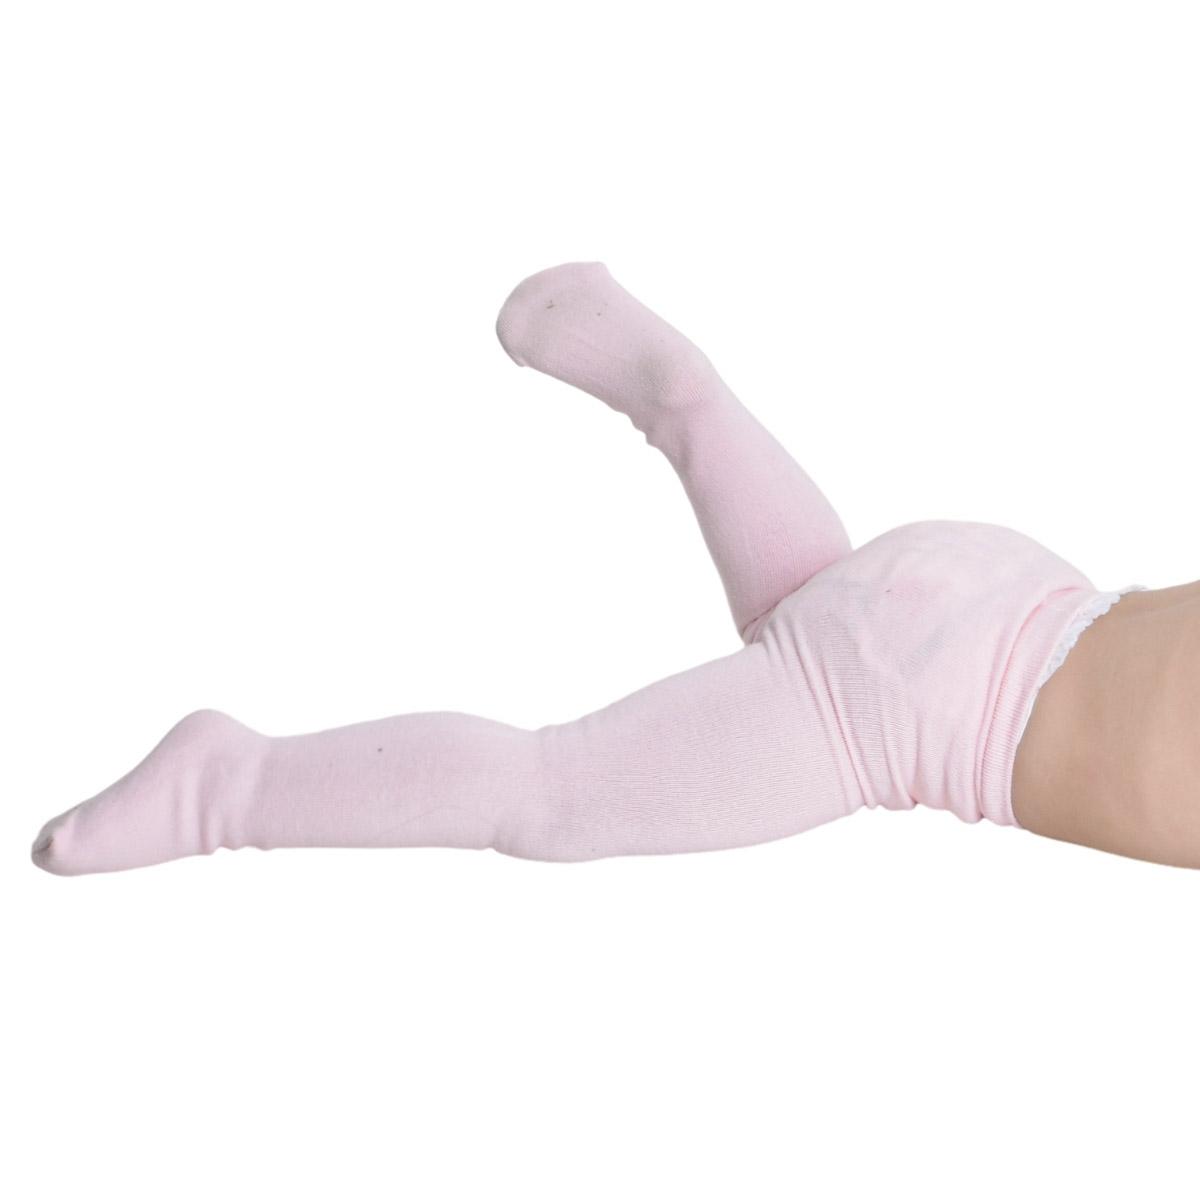 Meia calça para menina de bebê em algodão Trifil